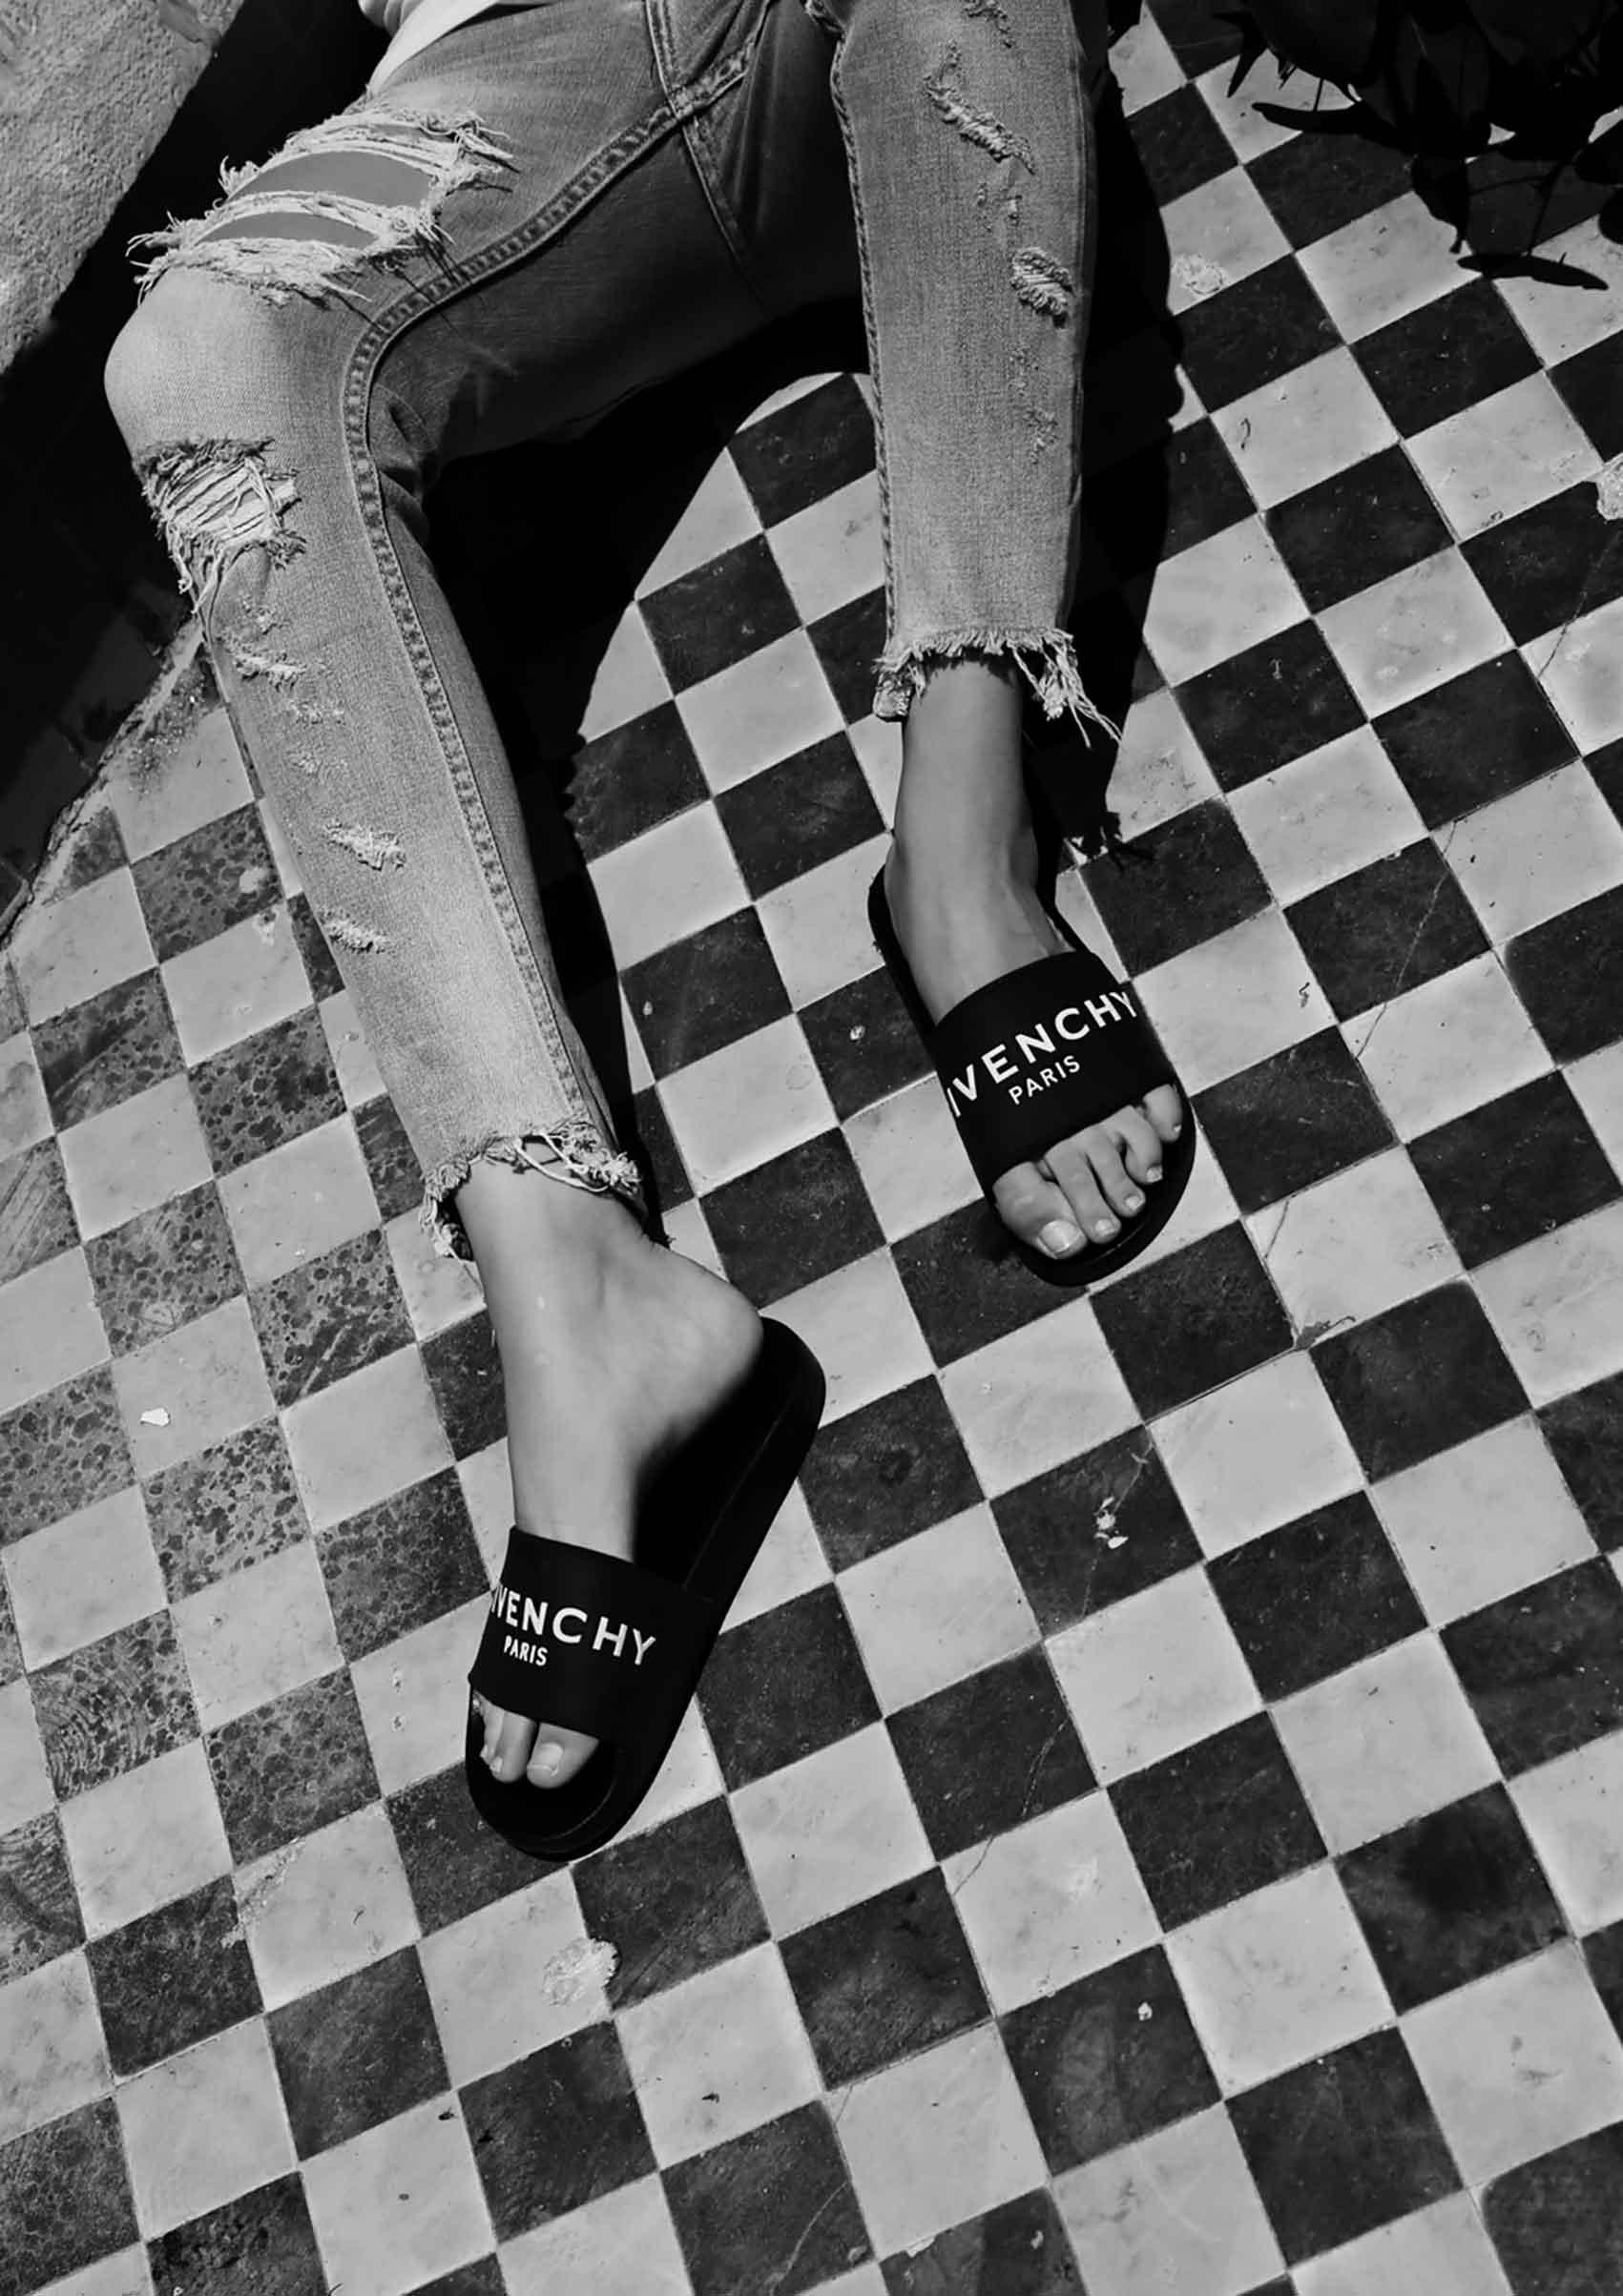 צילום: אלינור הררי - Elinor Harari, דוגמנית: אופל חזיזה - Opal Haziza - אופנה - 8